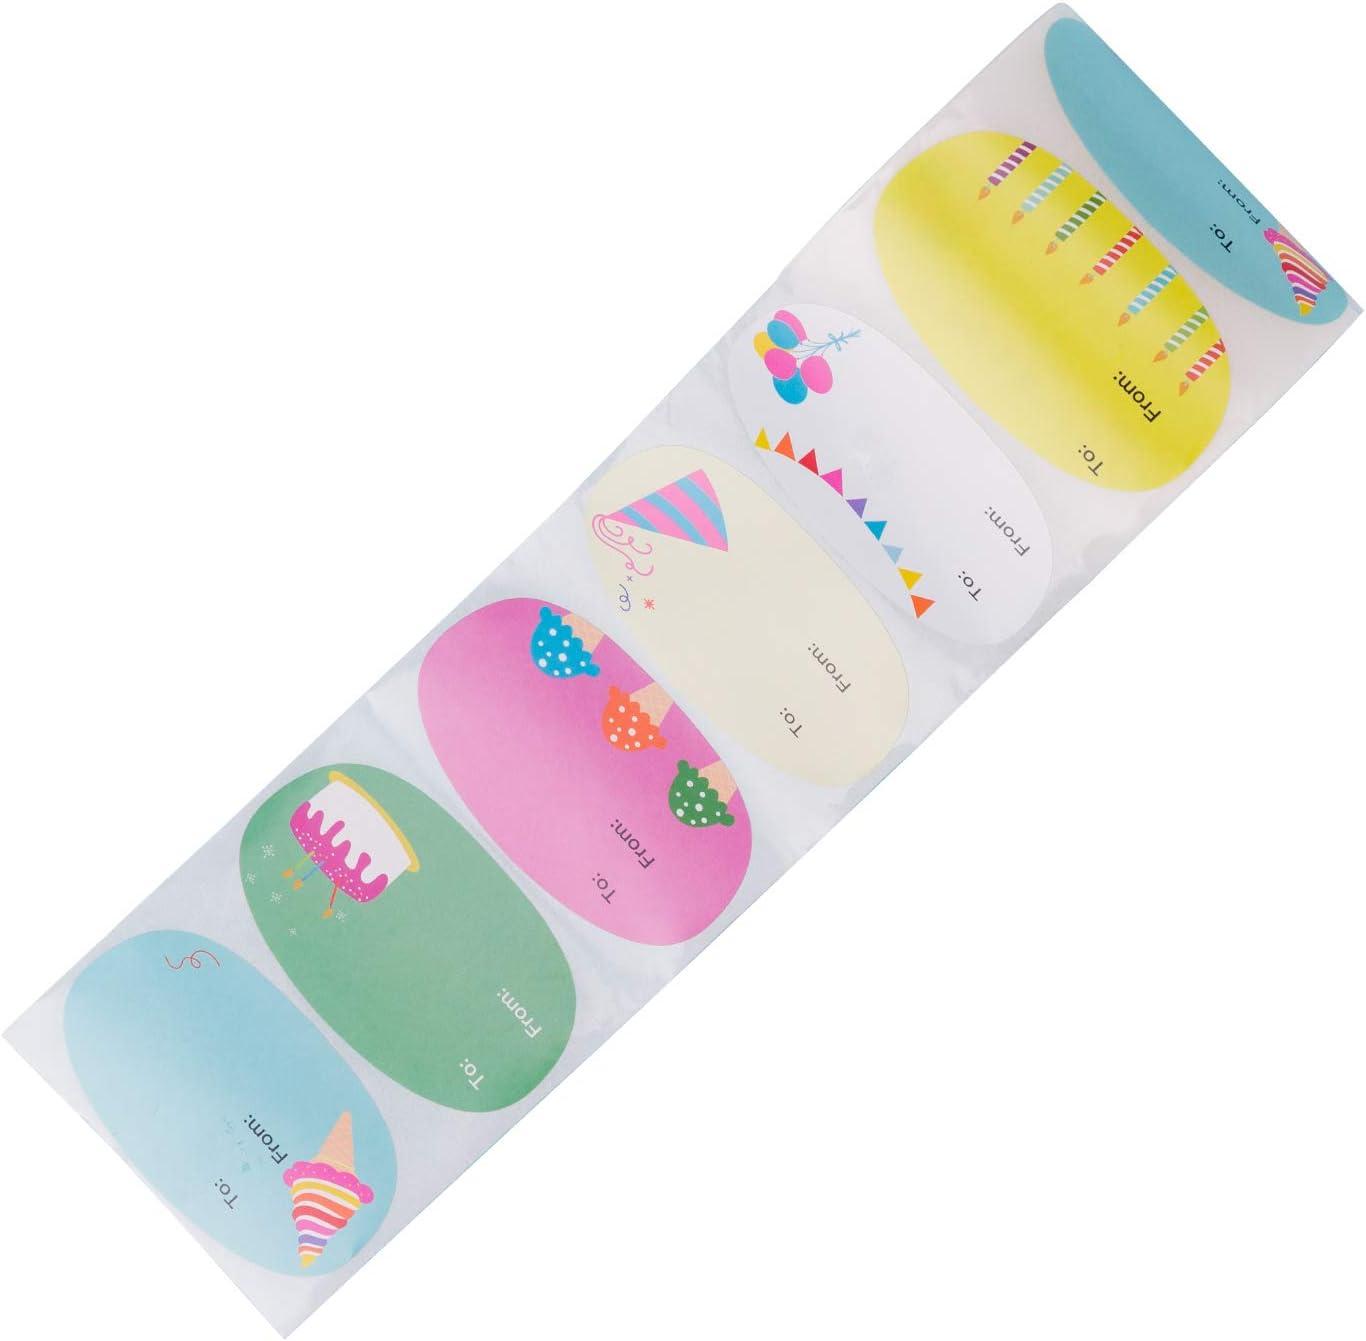 Festa RUSPEPA Adesivi Regalo per Neonato 6 Diversi Modelli per Compleanno Baby Shower 6,4 X 3,8 CM 300 Etichette Totali Adesivi per Regali di Design Unici E Originali